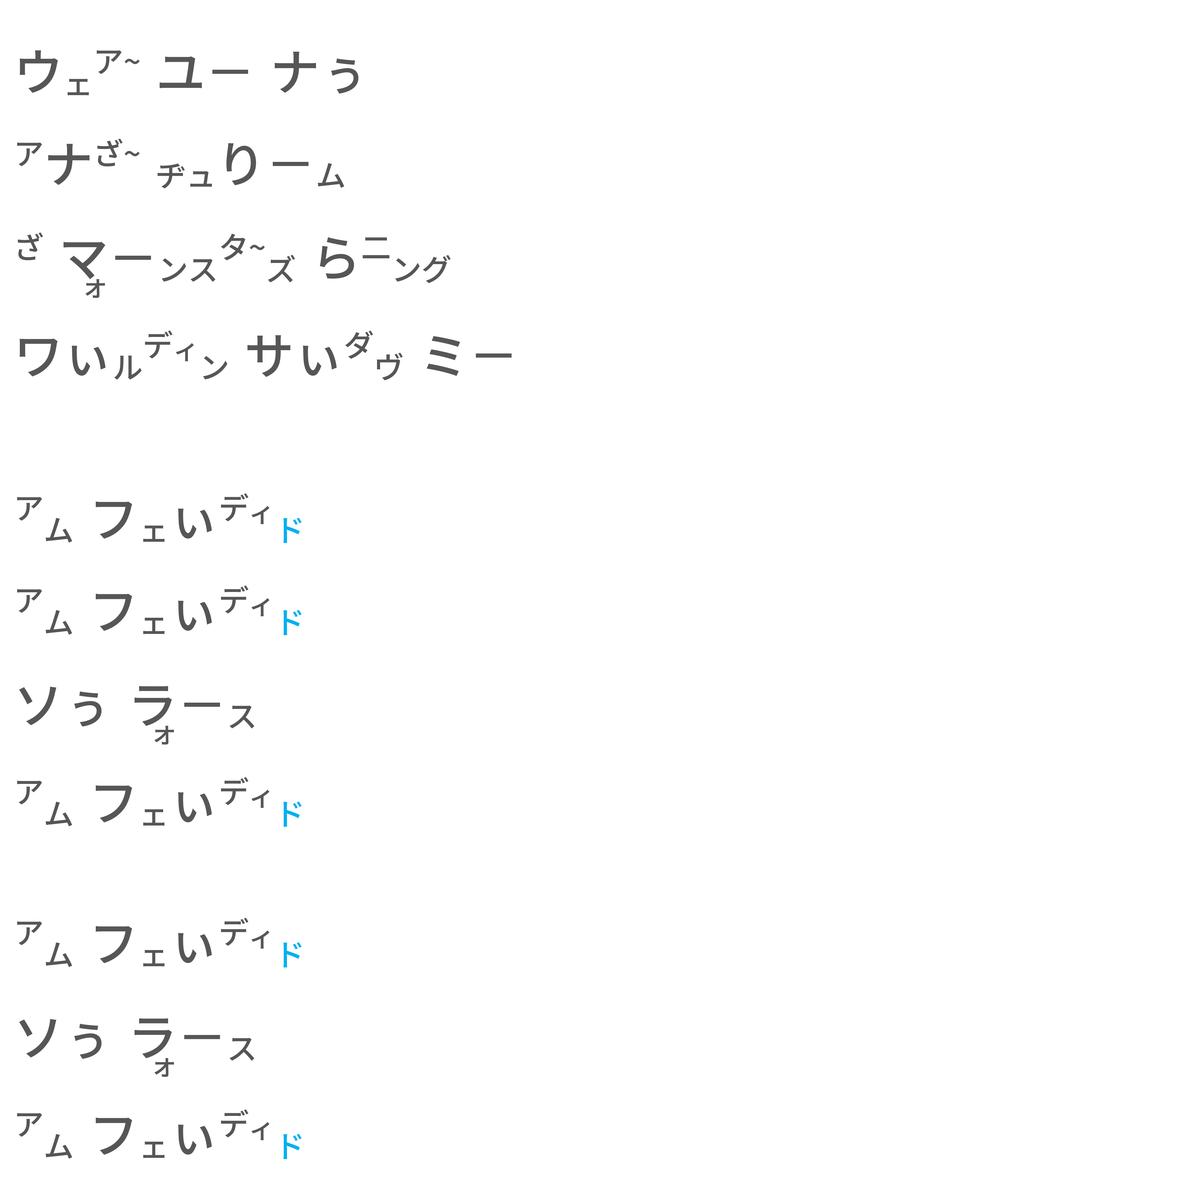 f:id:yakatazushi:20200811211006p:plain